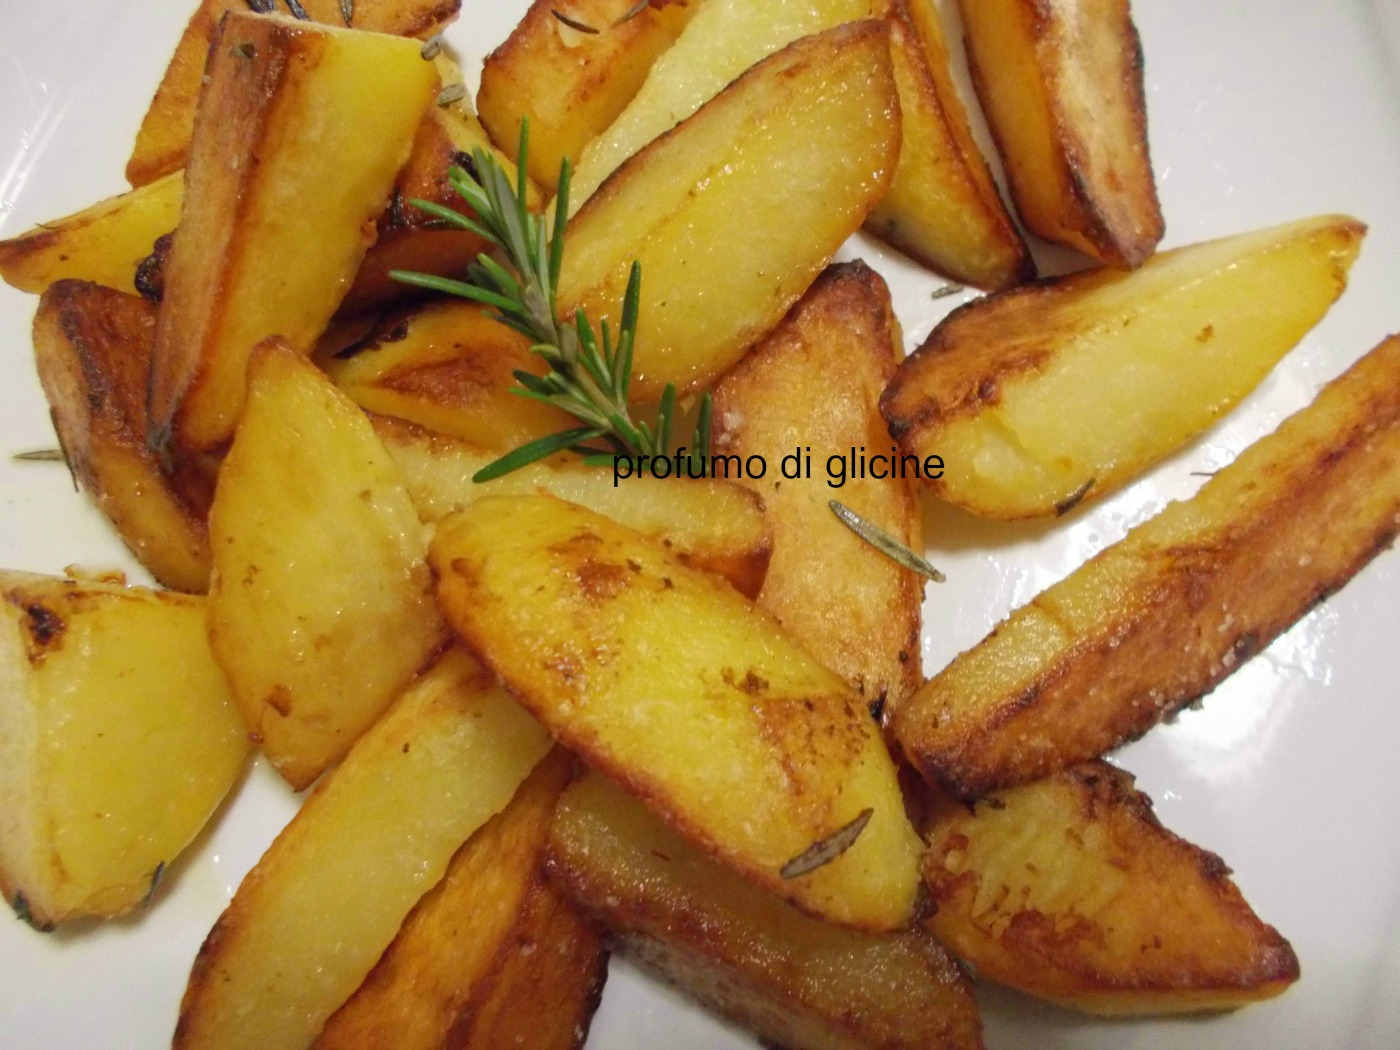 patate croccanti al rosmarino